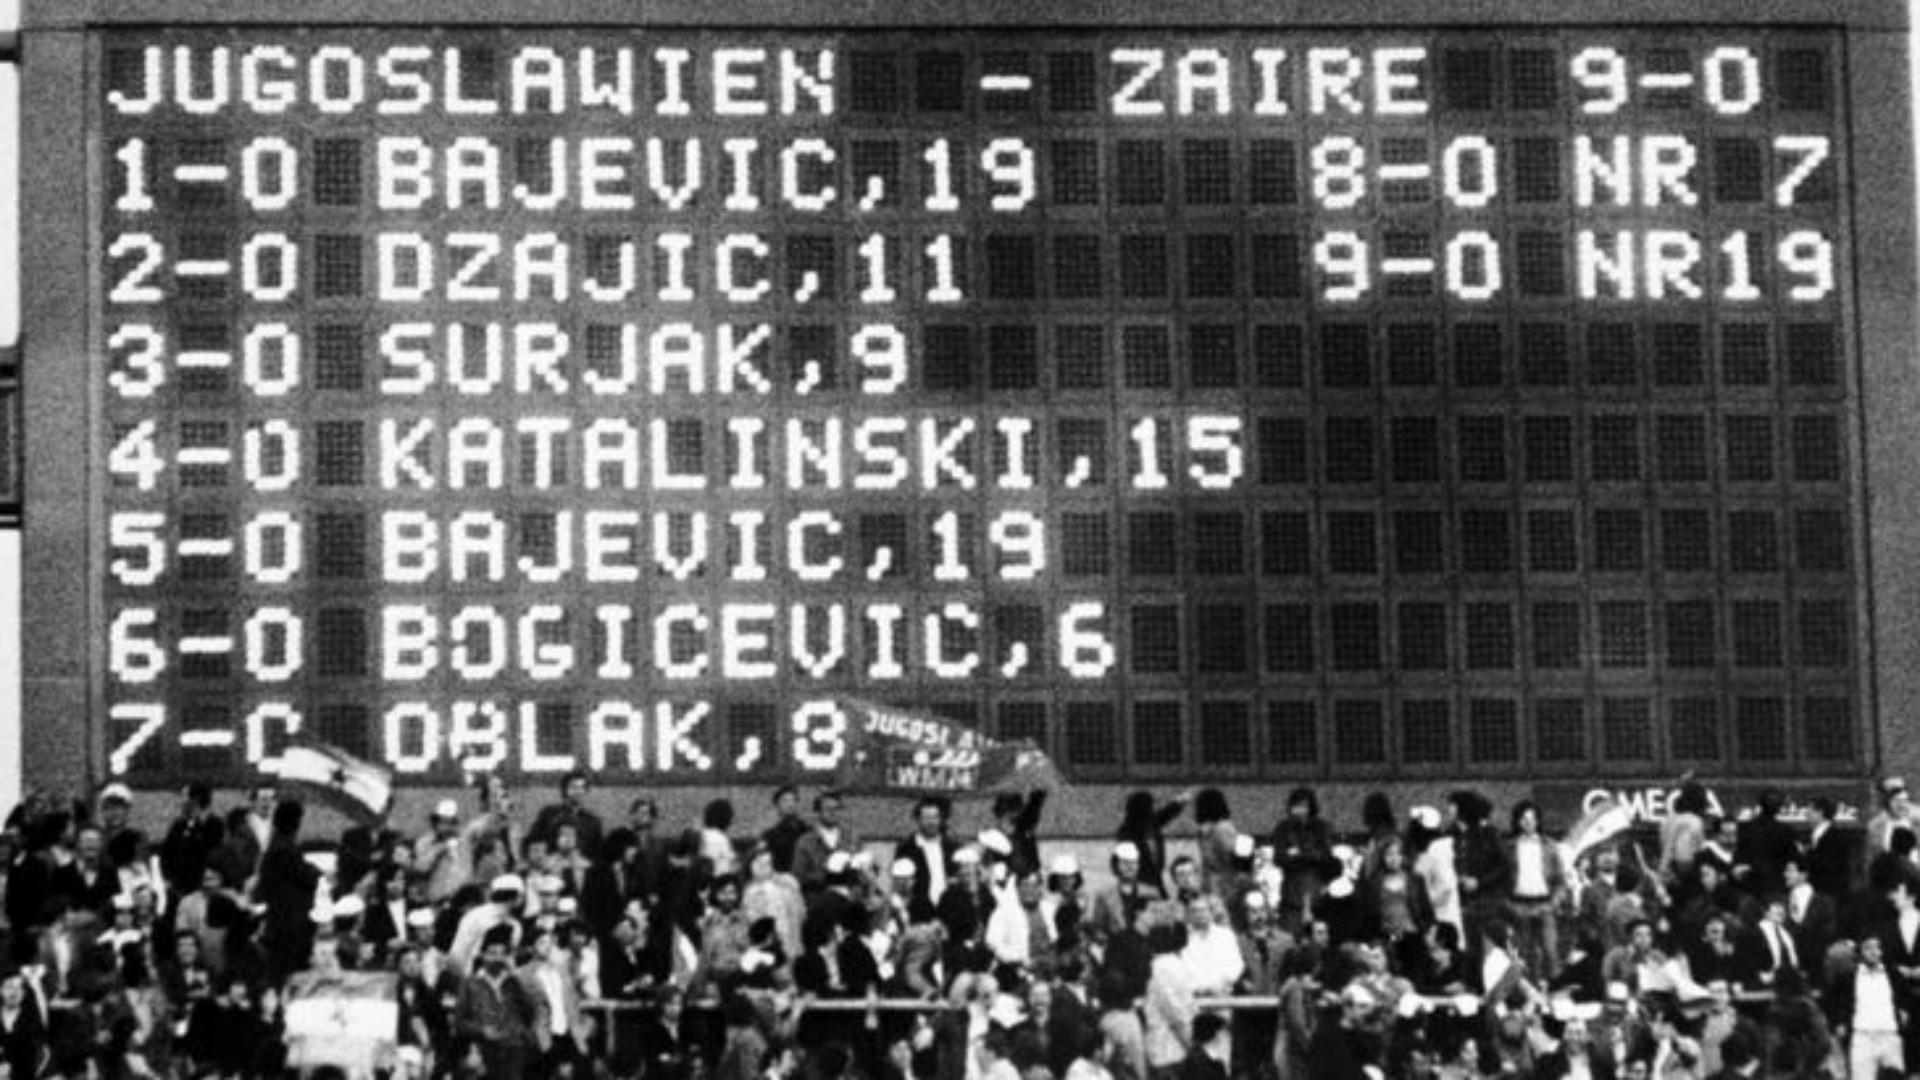 yugoslavia zaire copa del mundo 1974